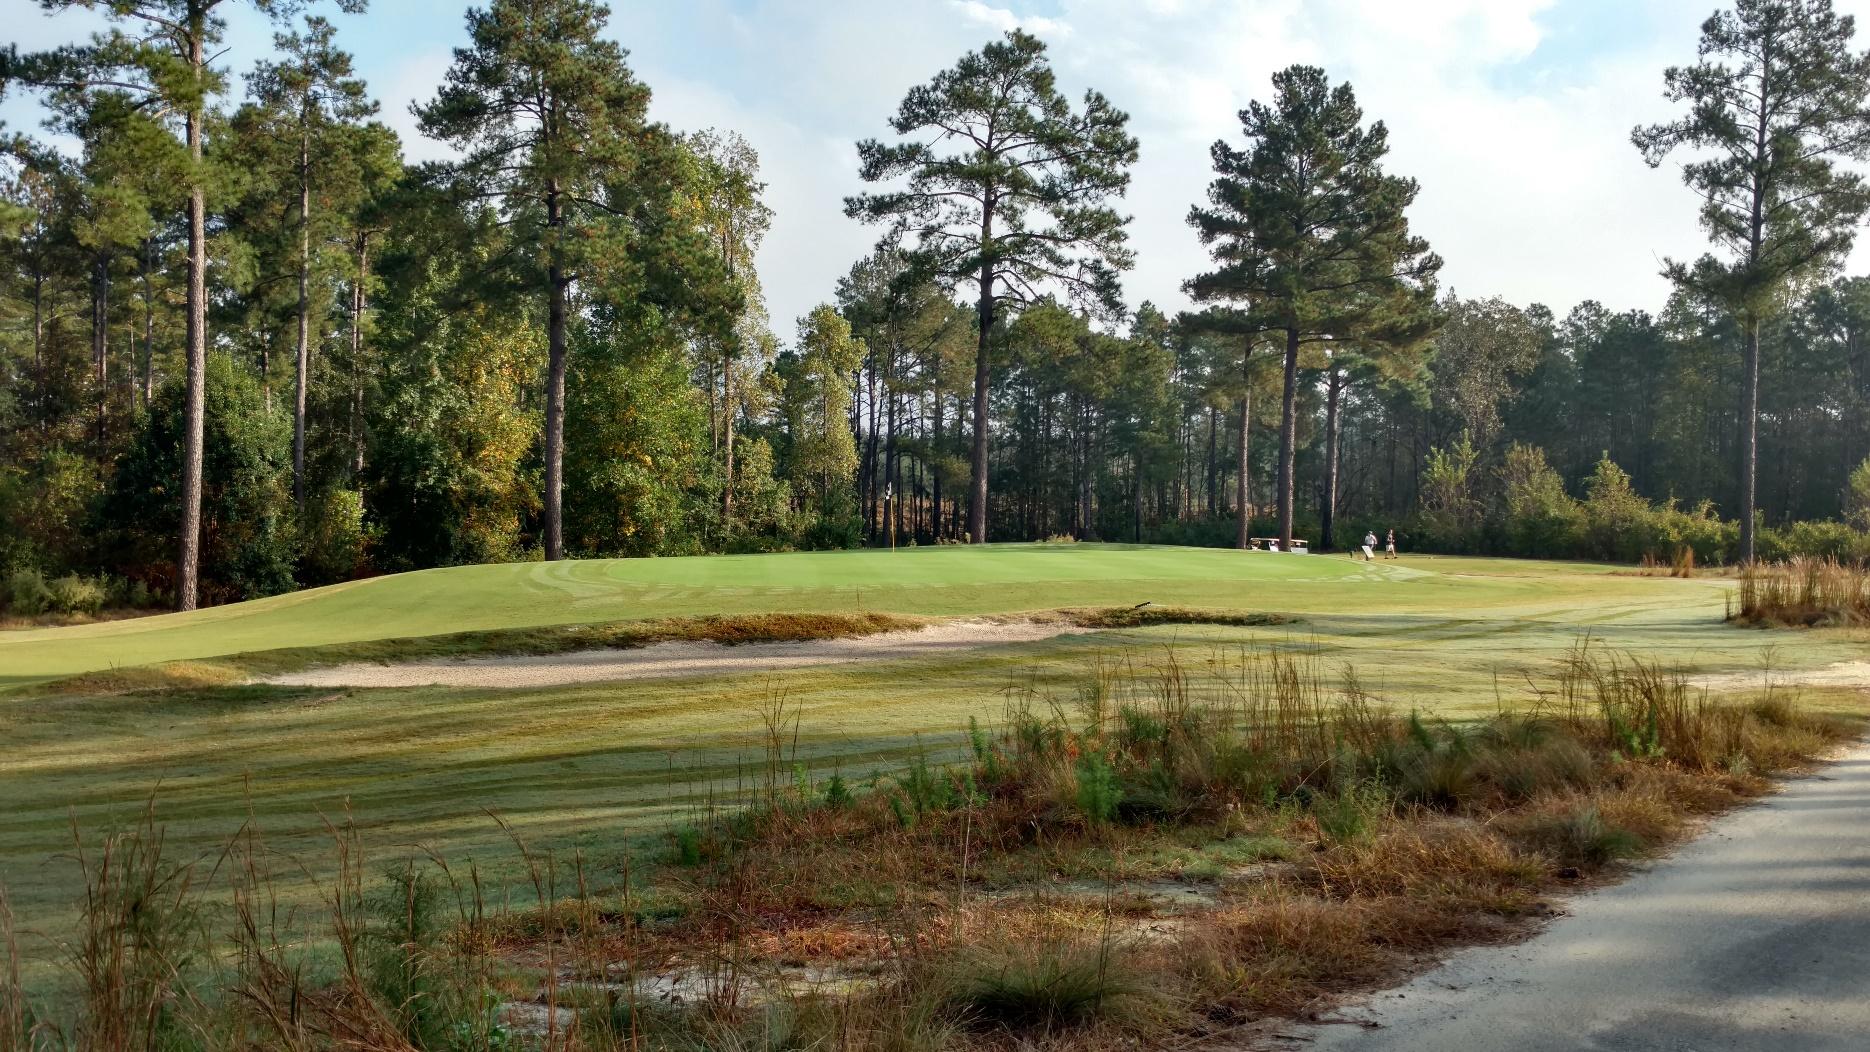 Deercroft Golf Club (Wagram, NC on 10/21/16)